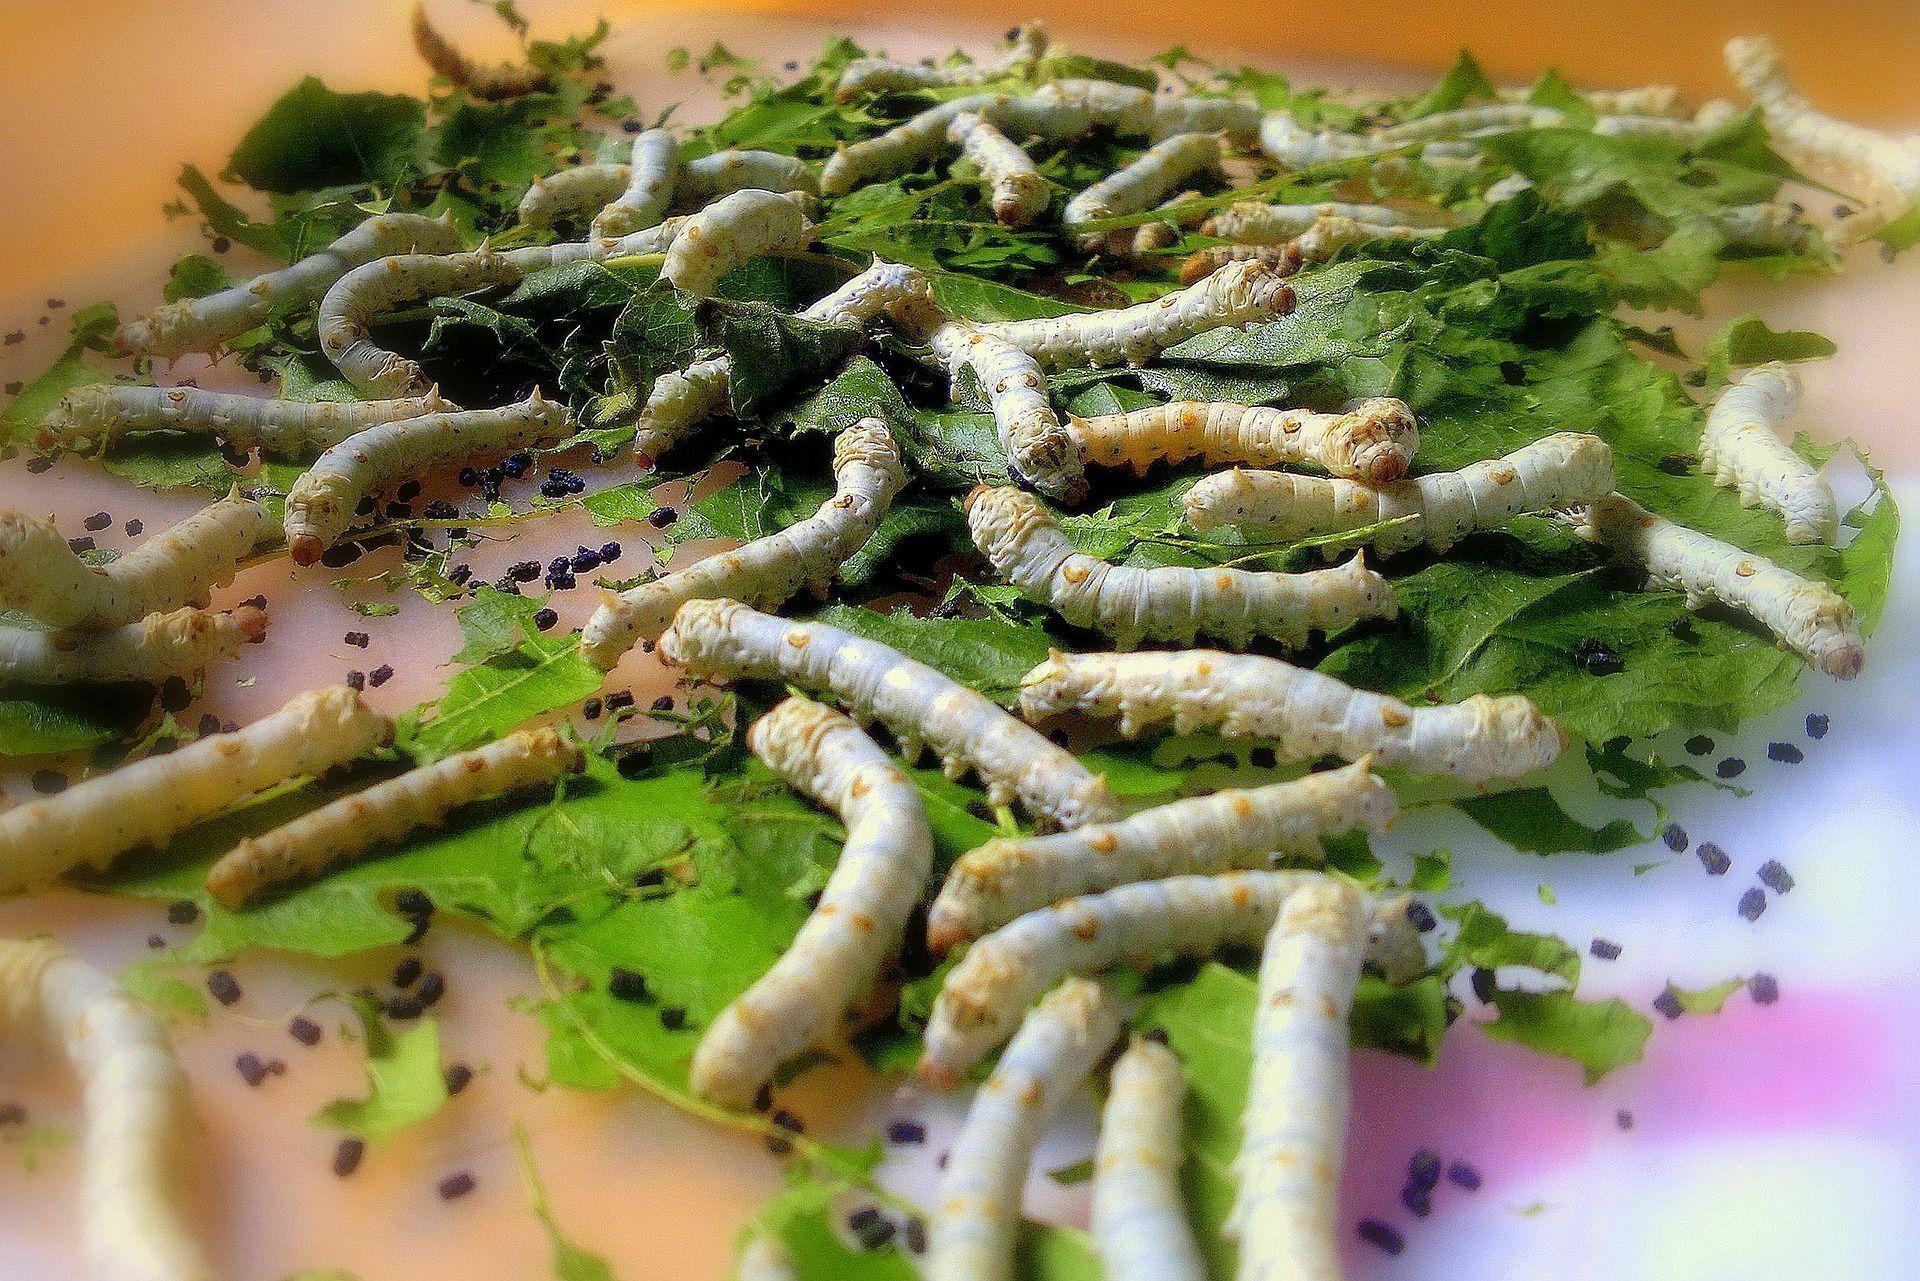 Echarles pocas hojas, facilita el control pero no hay que descuidar la cantidad de alimento, son muy glotones los gusanos.